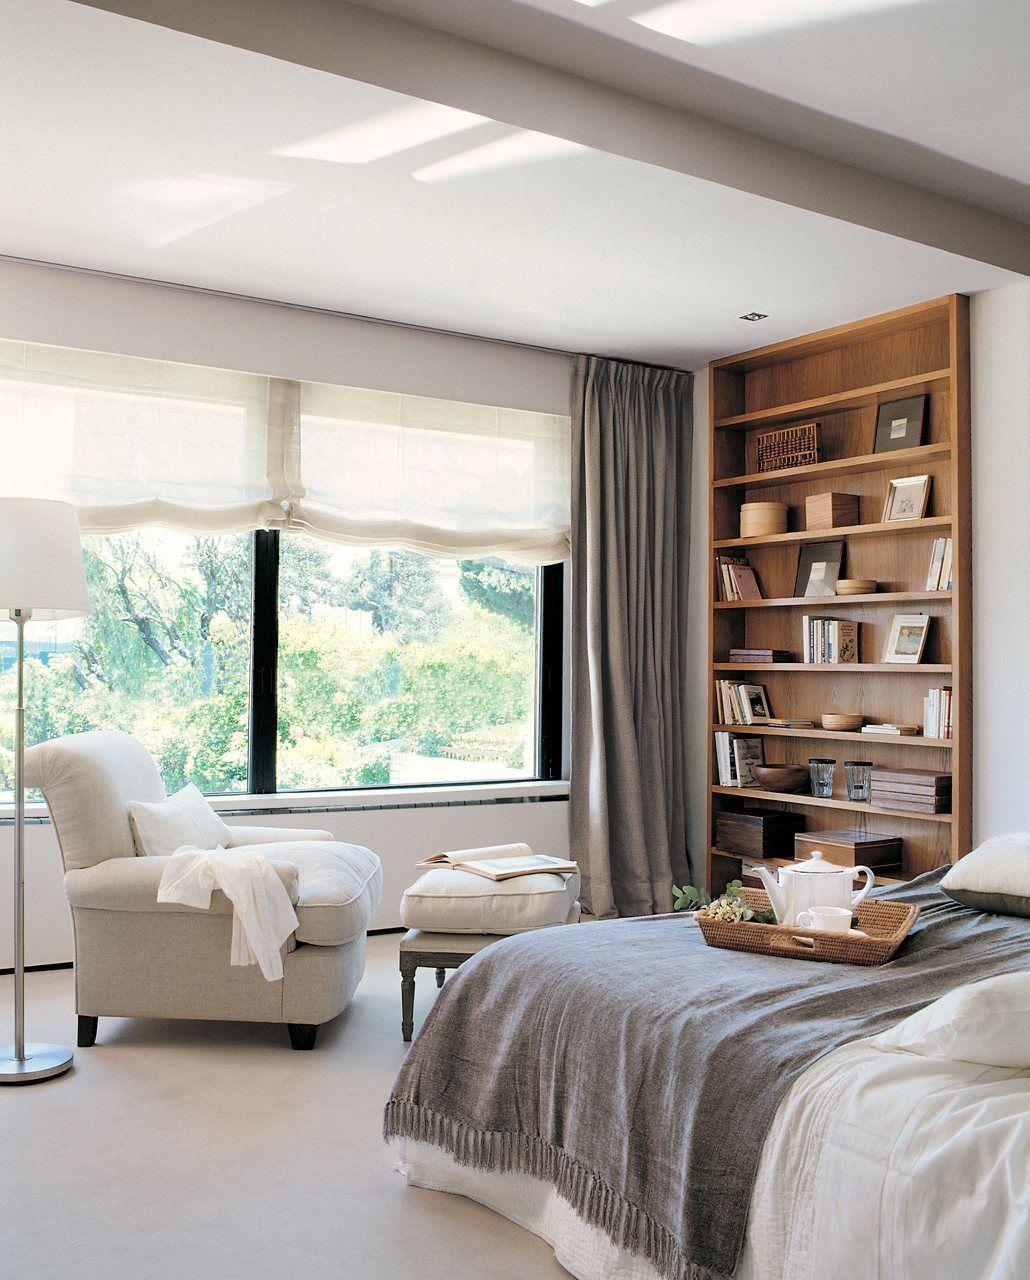 Dormitorios peque os con ideas deco dormitorios - Cortinas de habitacion ...